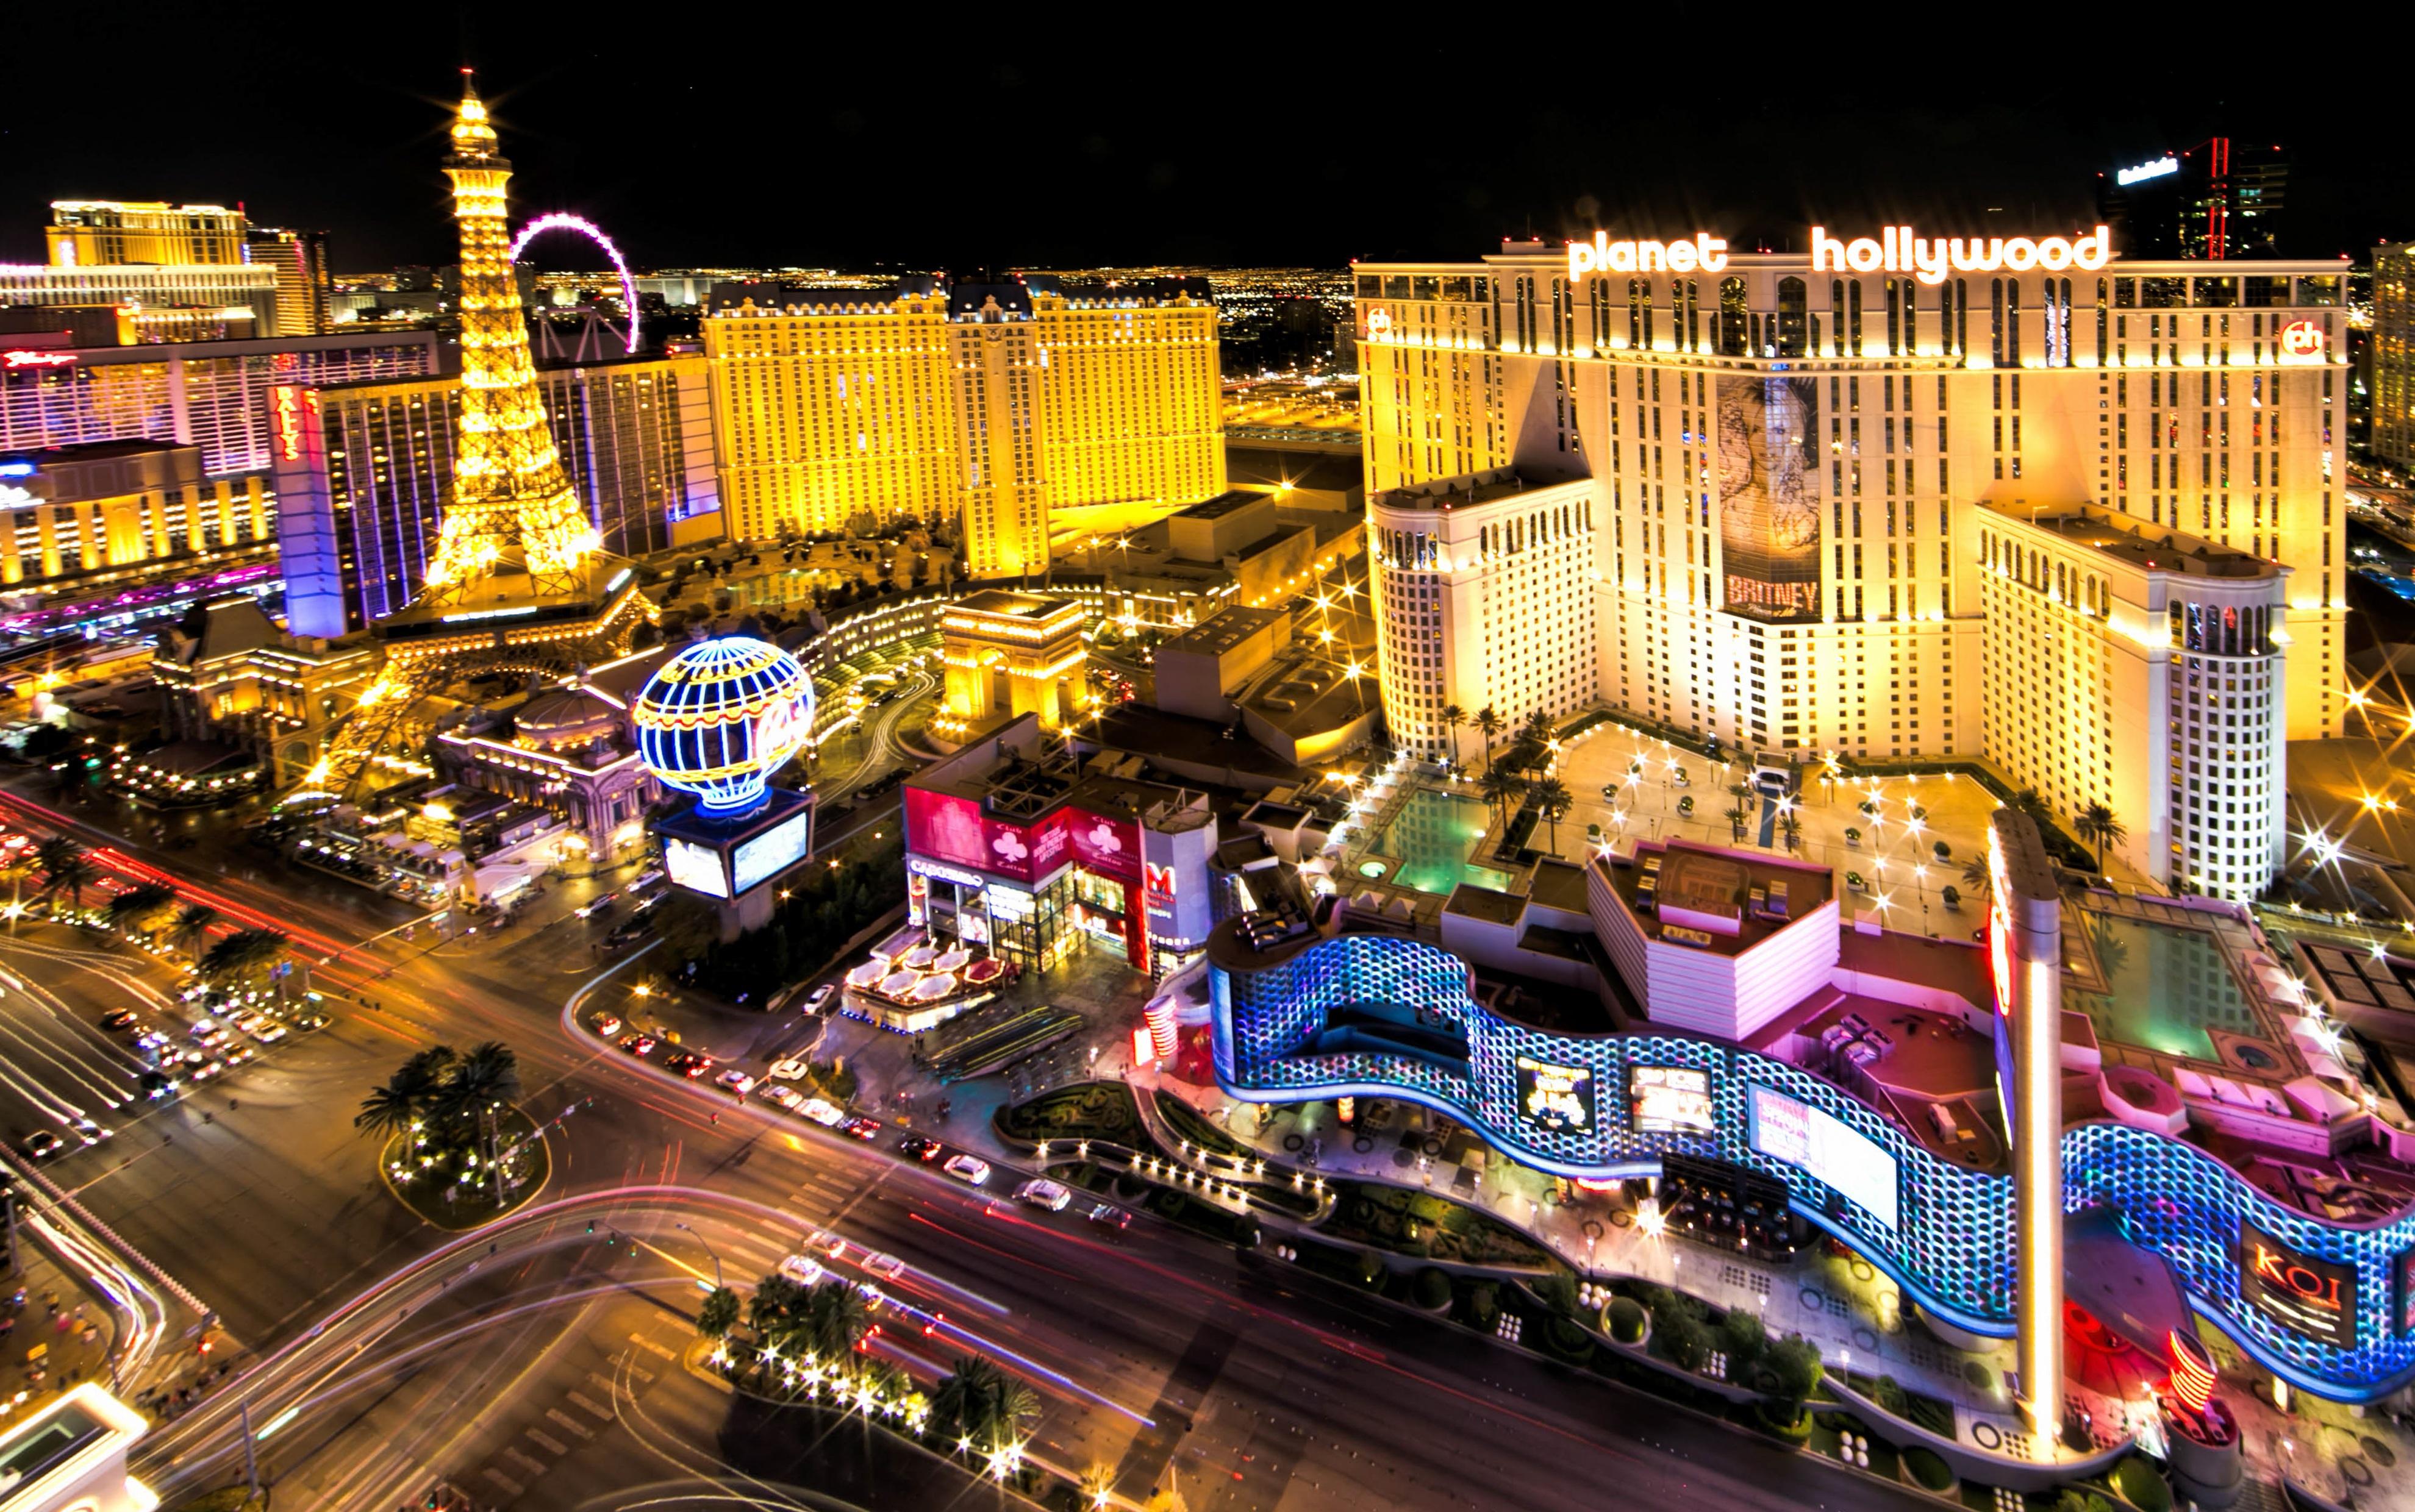 картинки : ночь, городской пейзаж, отпуск, путешествовать, парк развлечений, Ориентир, Ночная жизнь, Туризм, Освещенный, Фестиваль, Гостиница, казино, ...